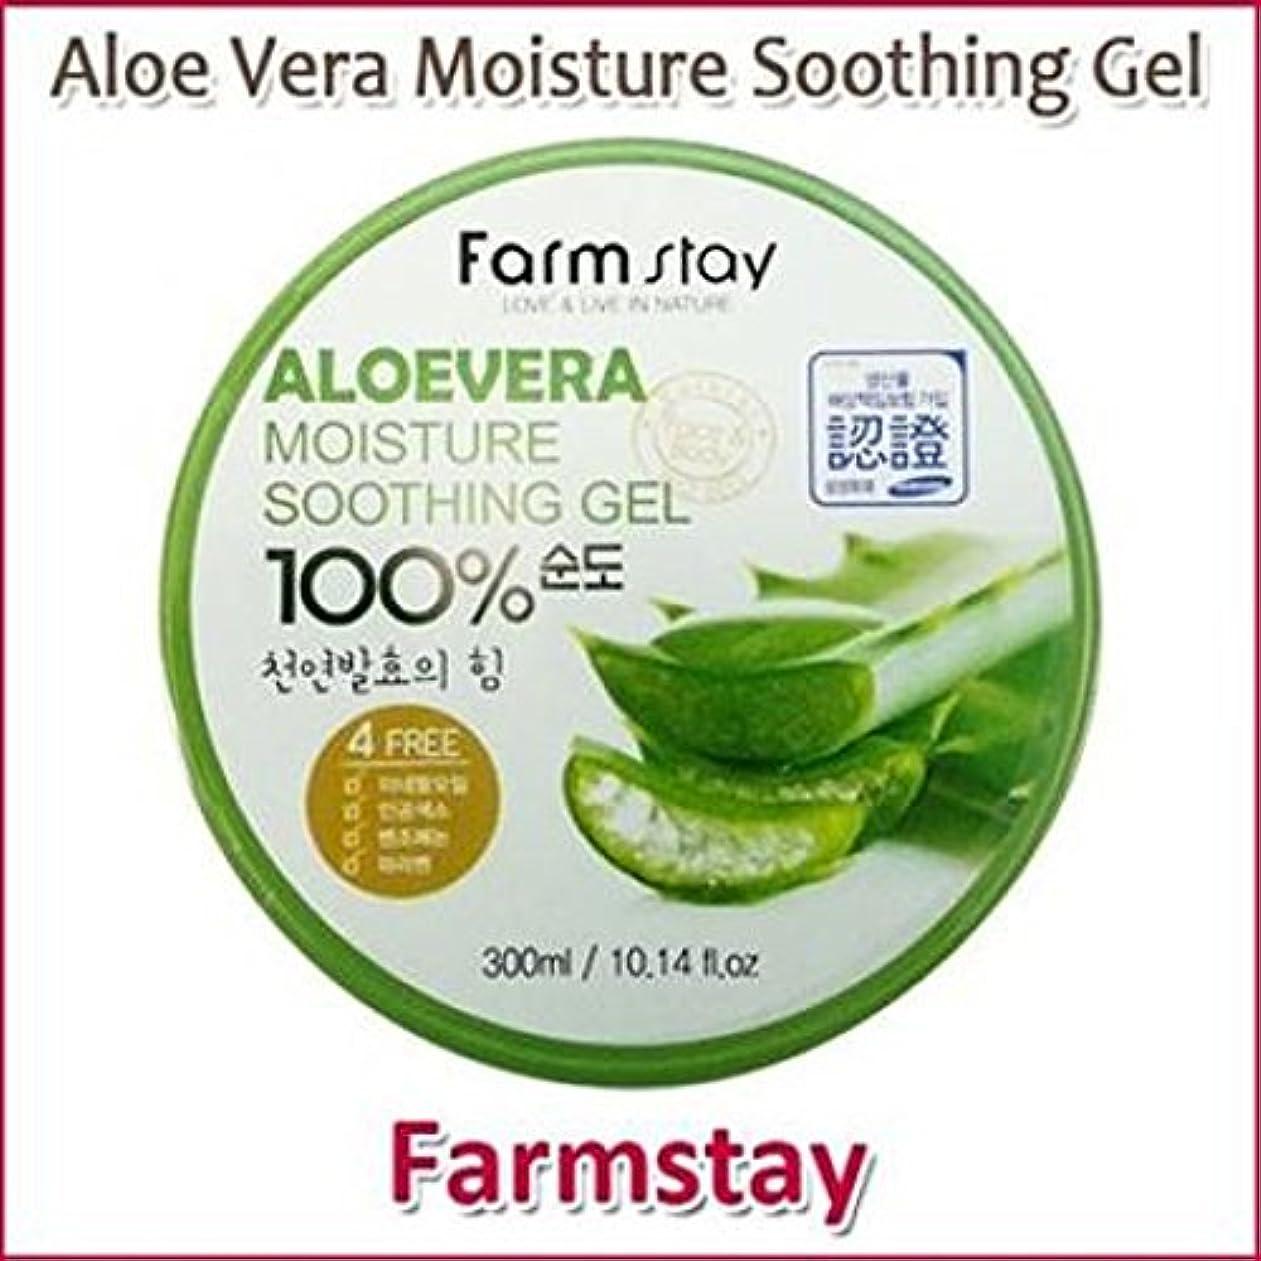 マイクロおもしろい放散するFarm Stay Aloe Vera Moisture Soothing Gel 300ml /オーガニック アロエベラゲル 100%/保湿ケア/韓国コスメ/Aloe Vera 100% /Moisturizing [...